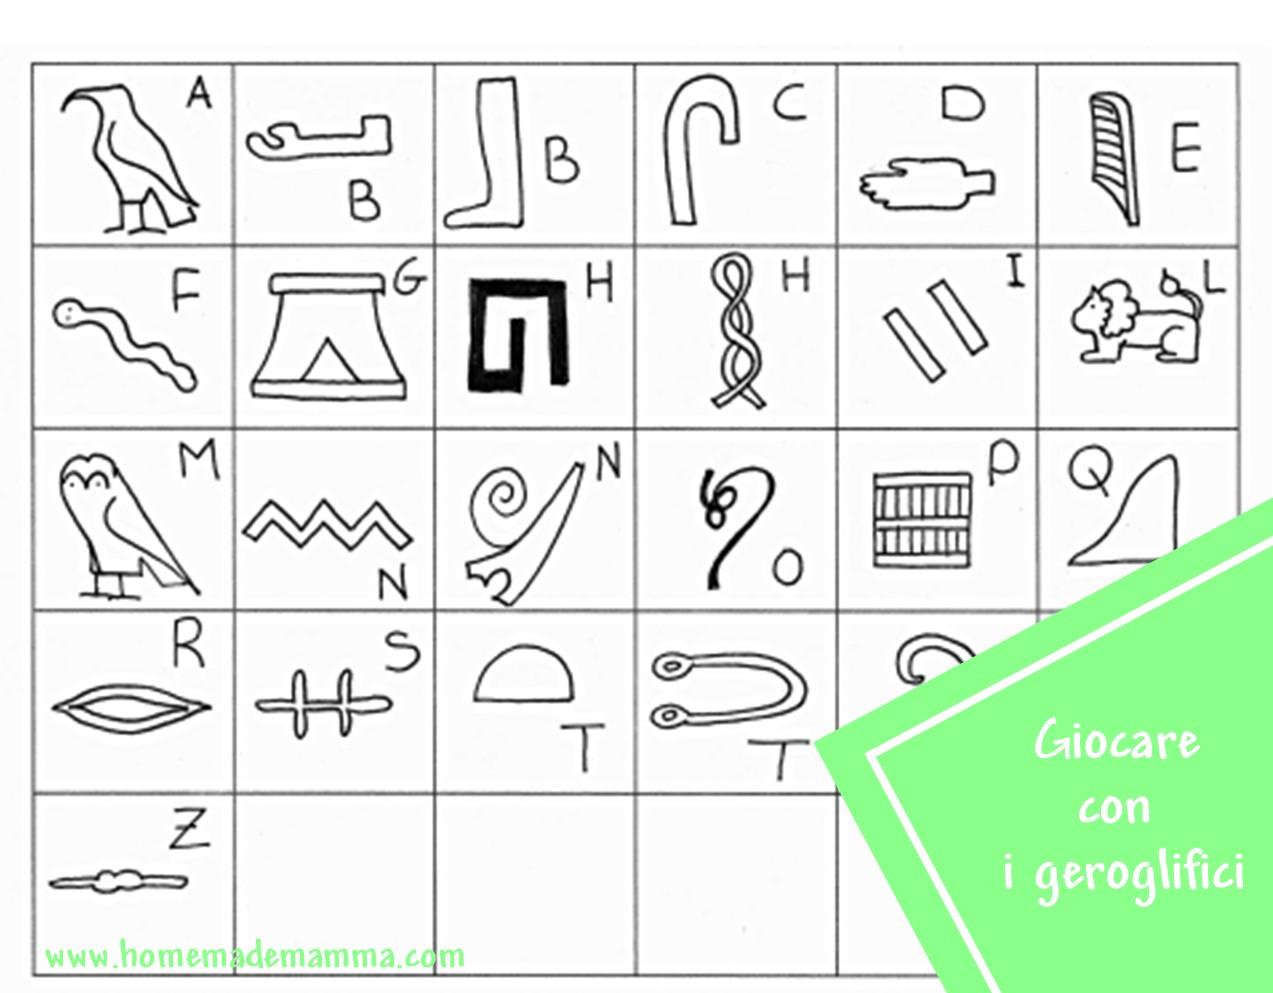 Extrêmement Geroglifici e vasi di argilla per giocare con gli antichi egizi | RO34